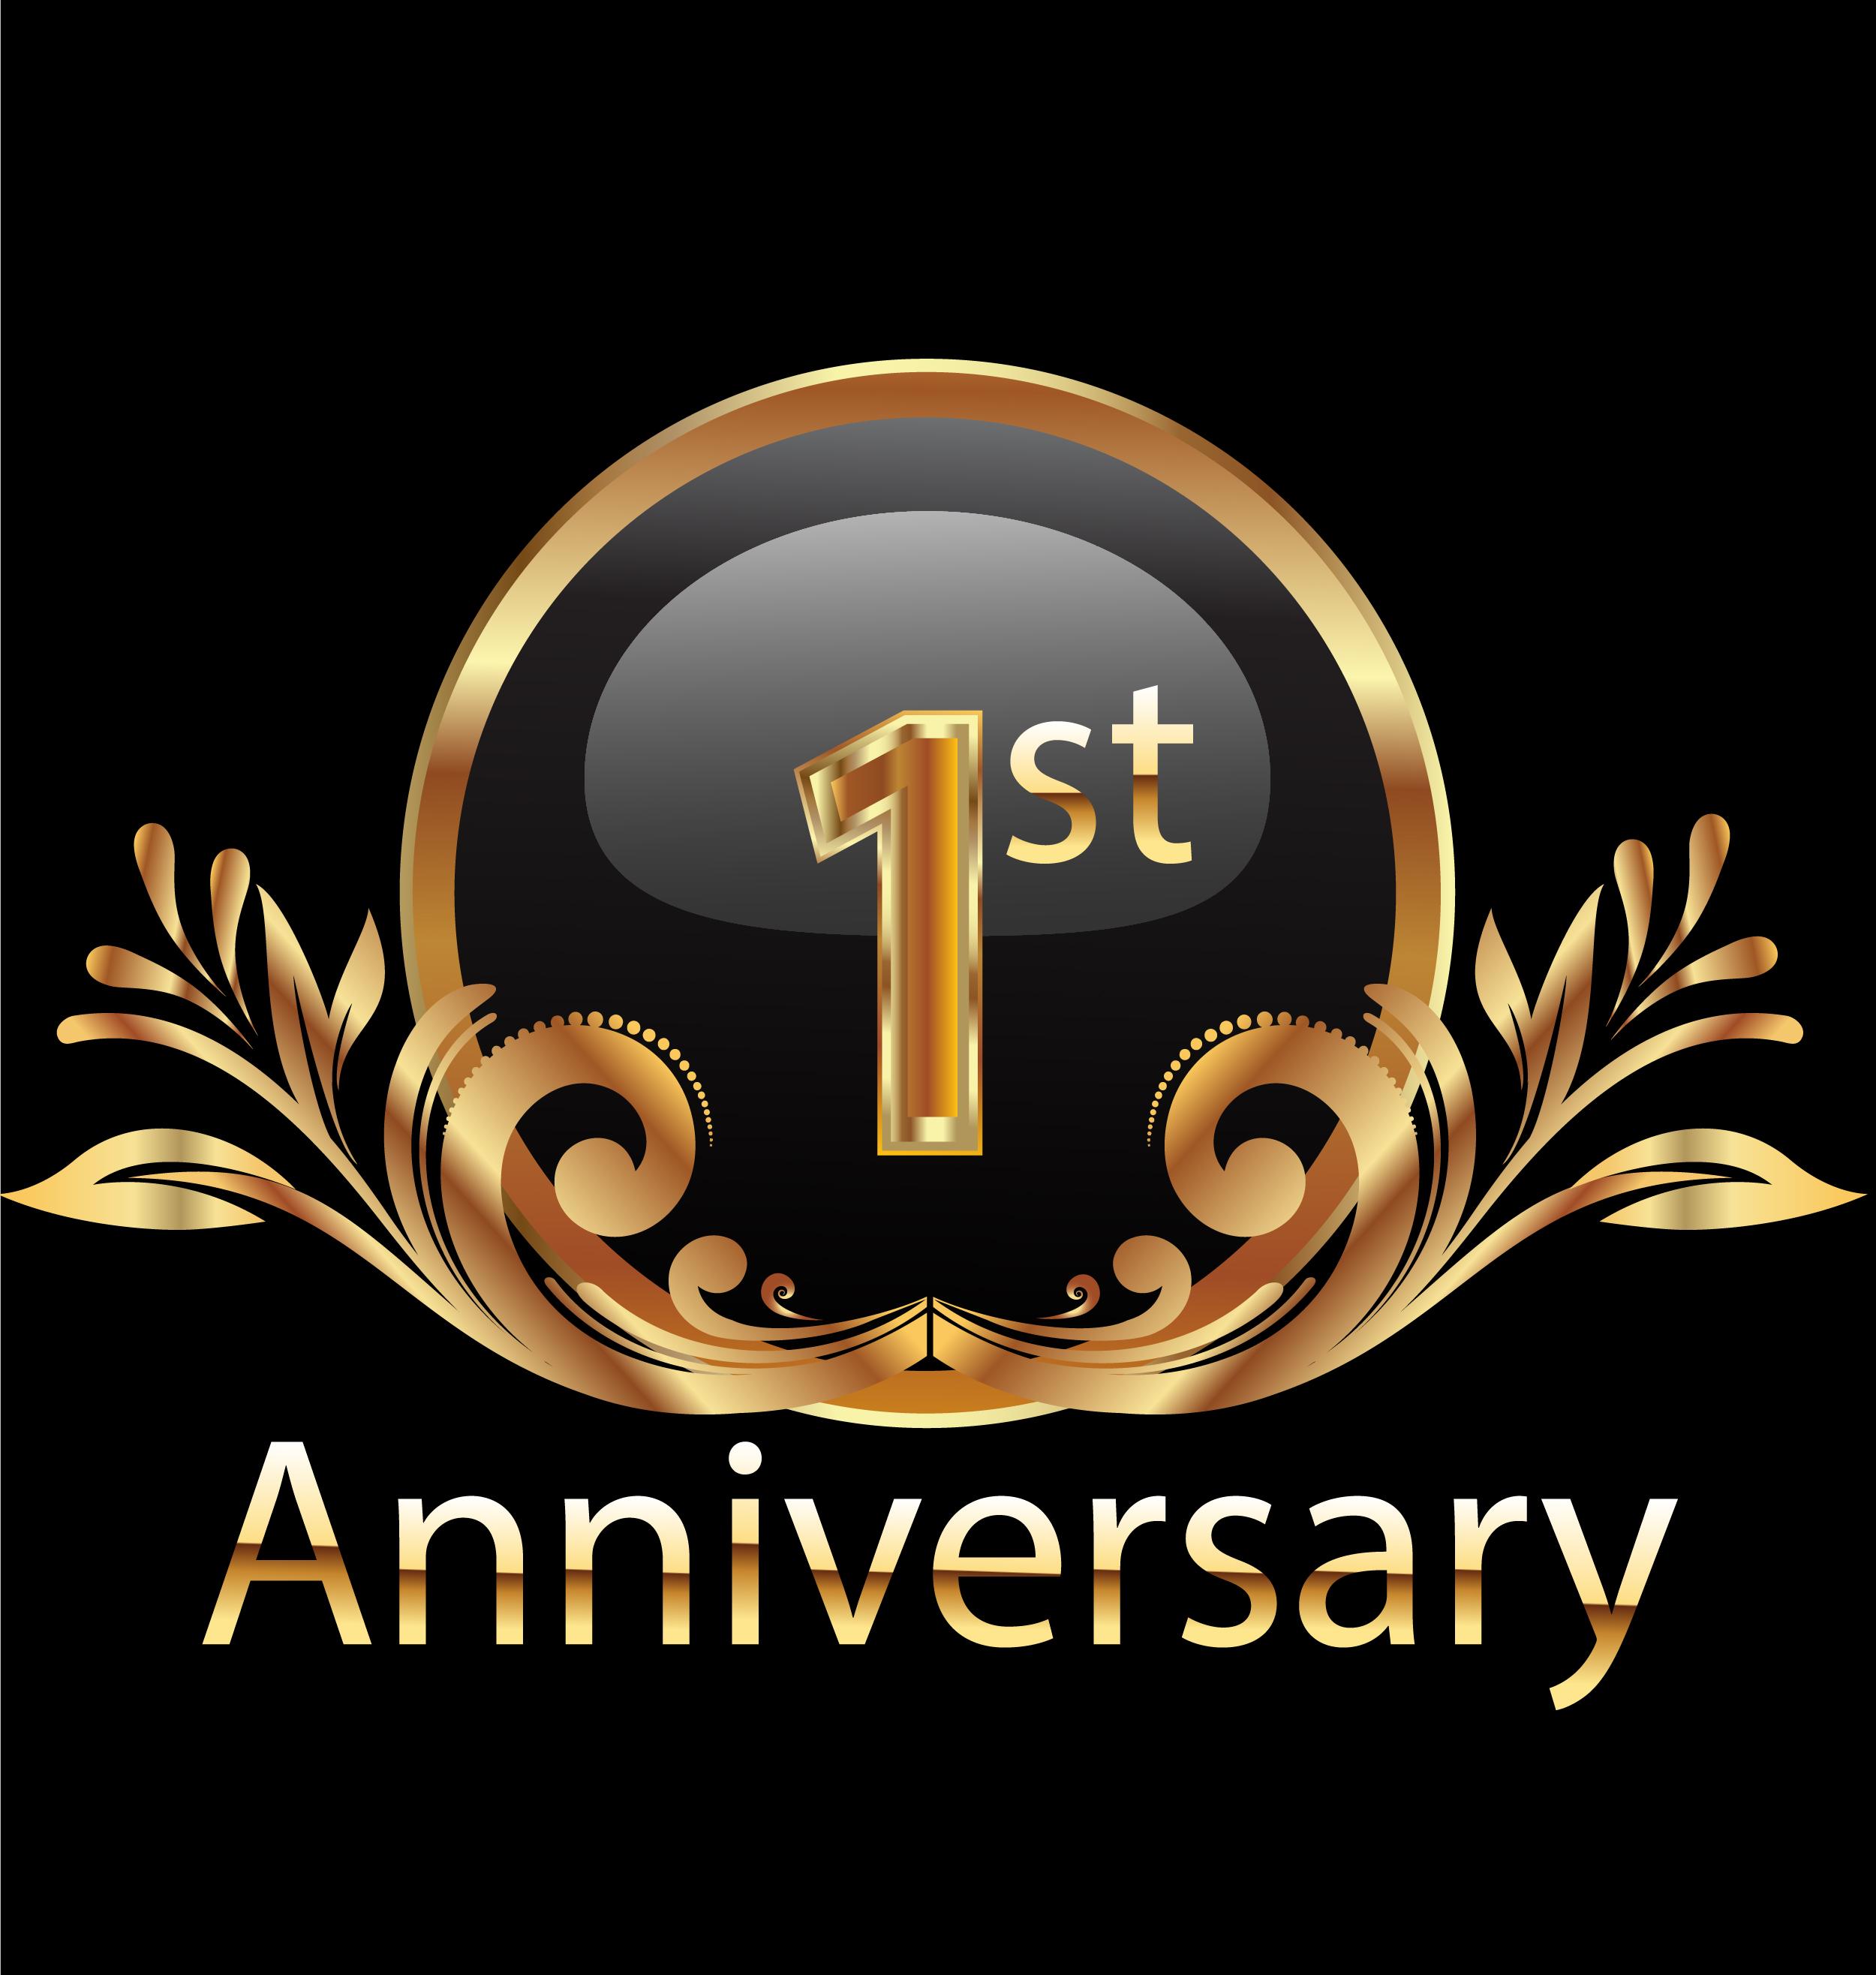 First anniversary abbie zanders